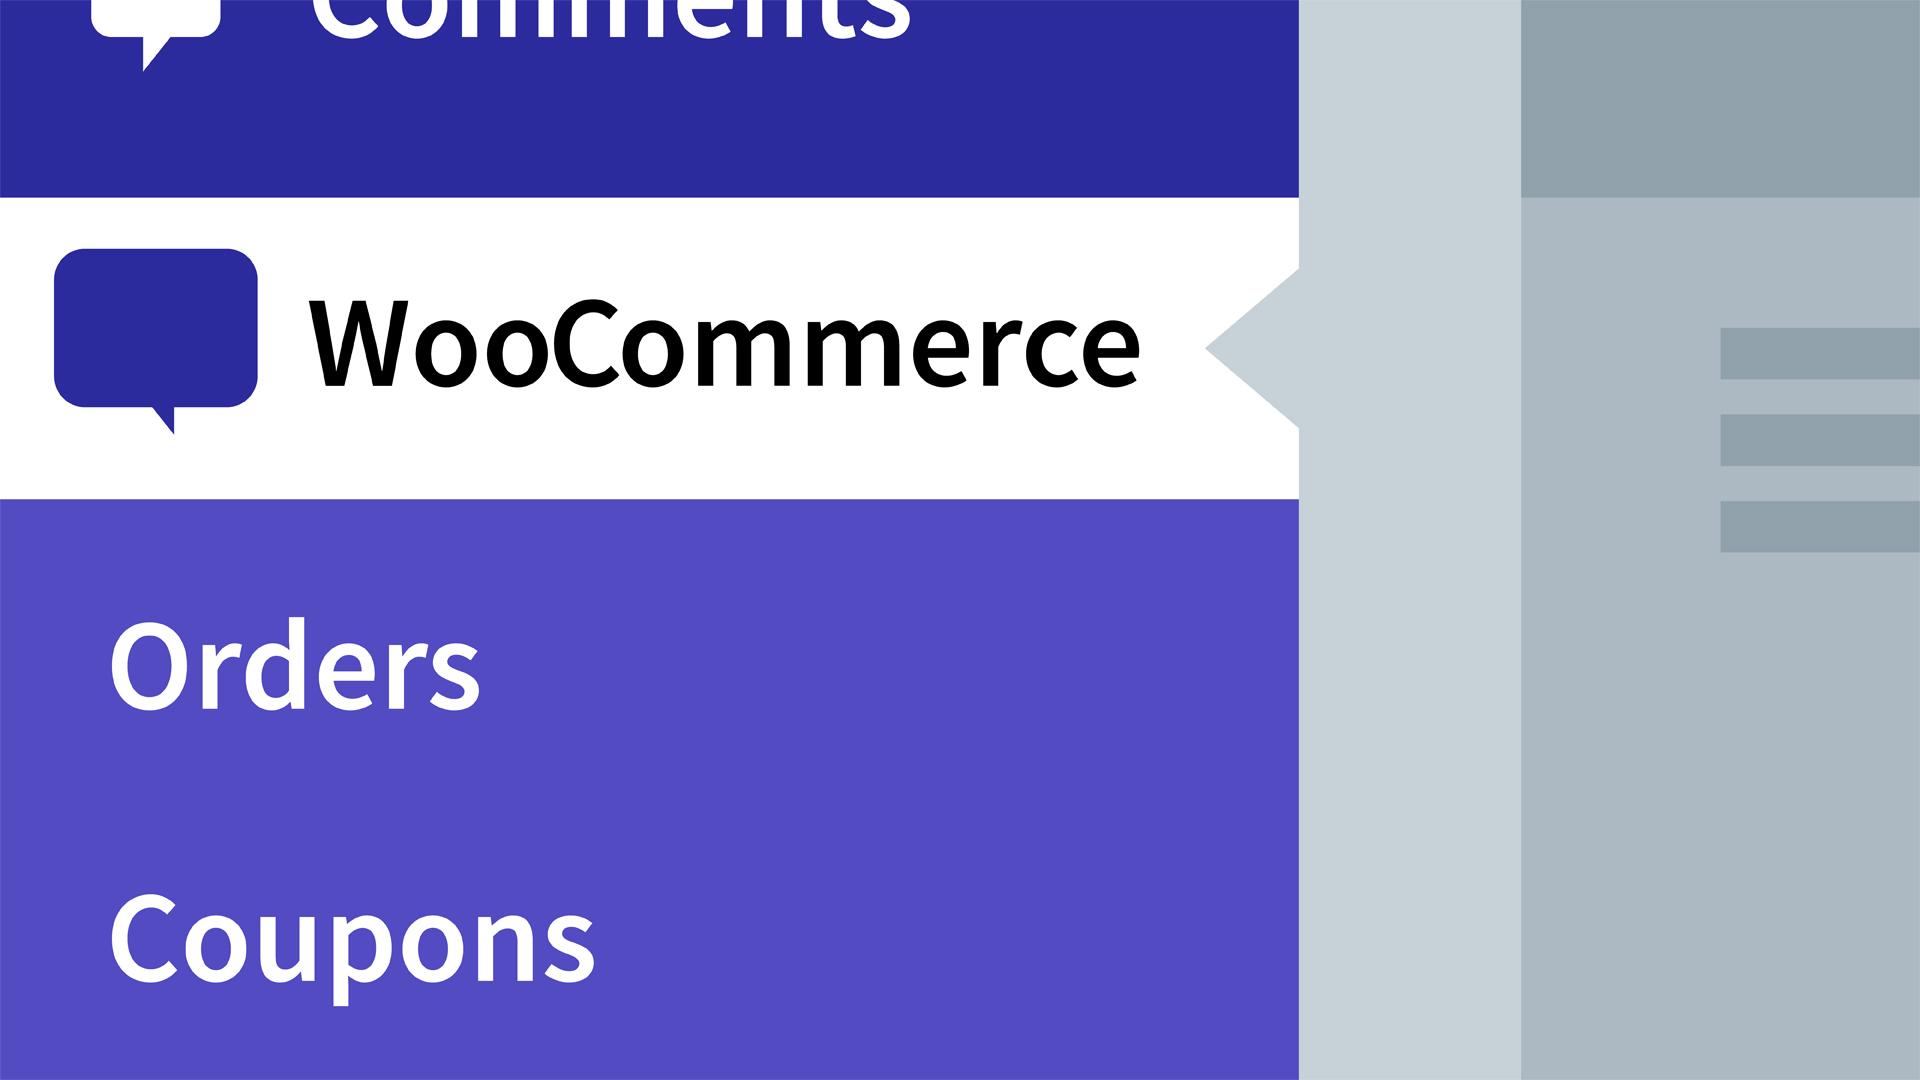 WordPress Ecommerce: WooCommerce (2016)